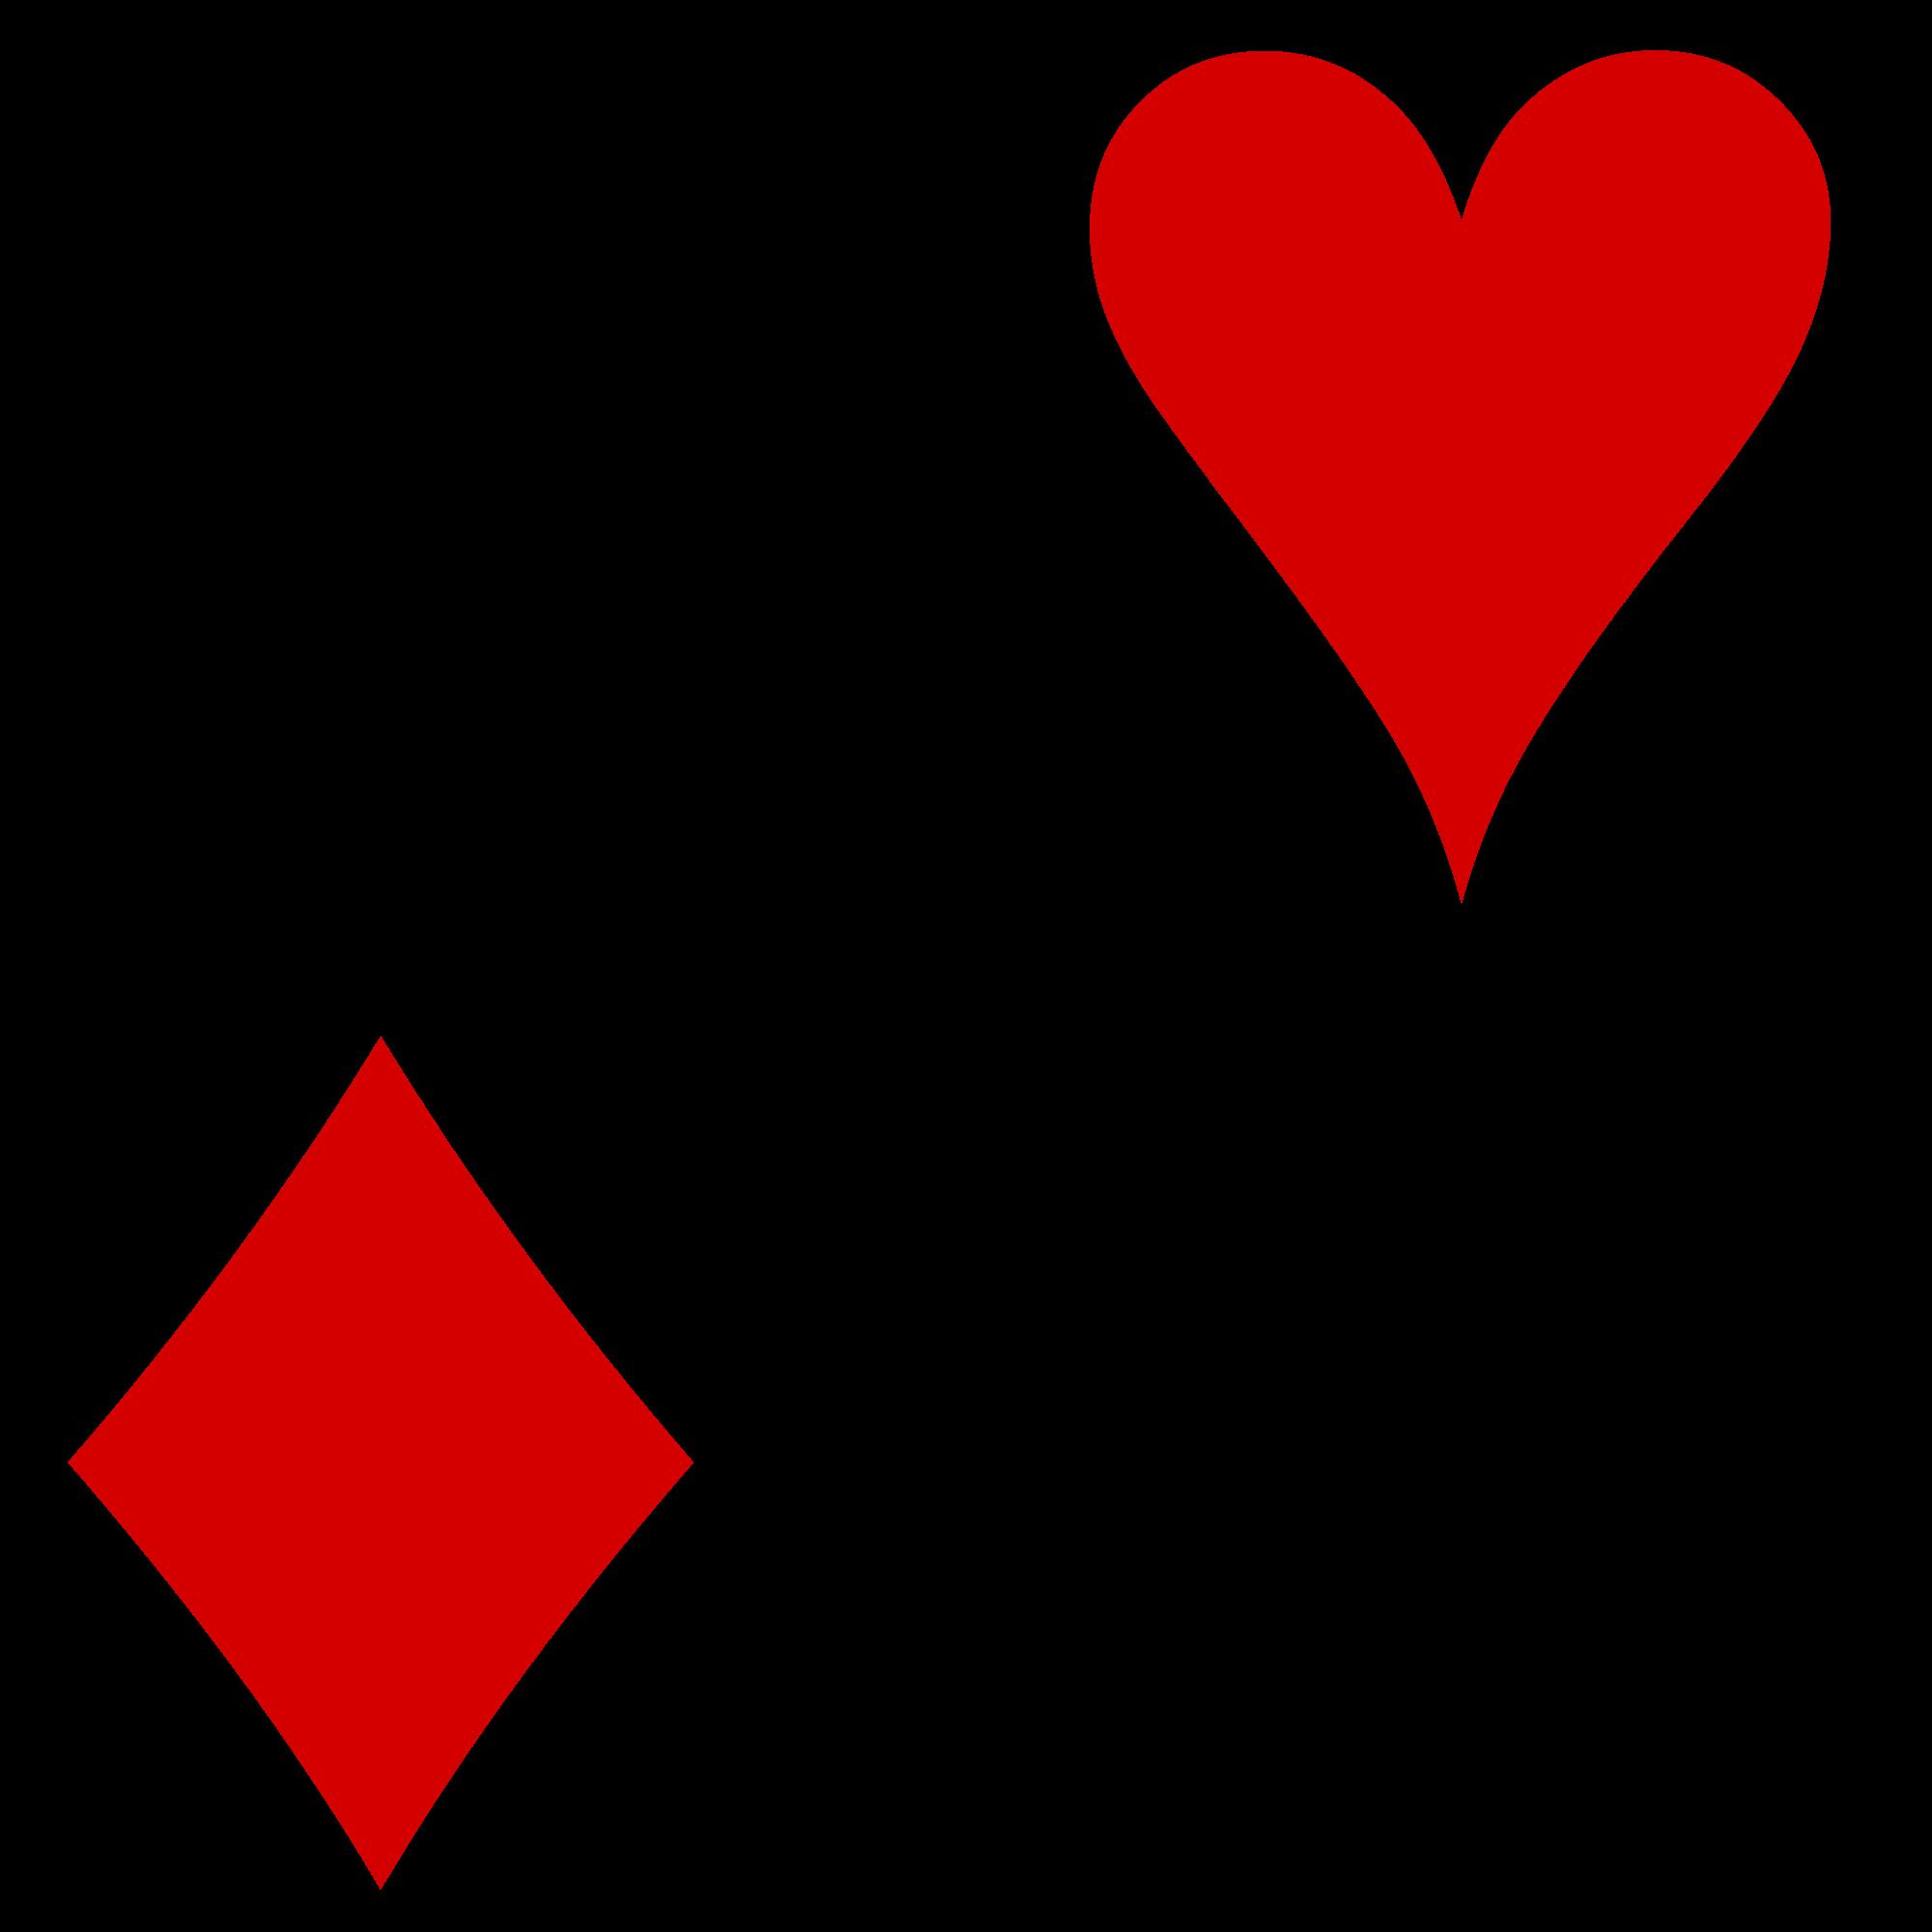 5 raisons de jouer sur le logiciel de poker gratuit :